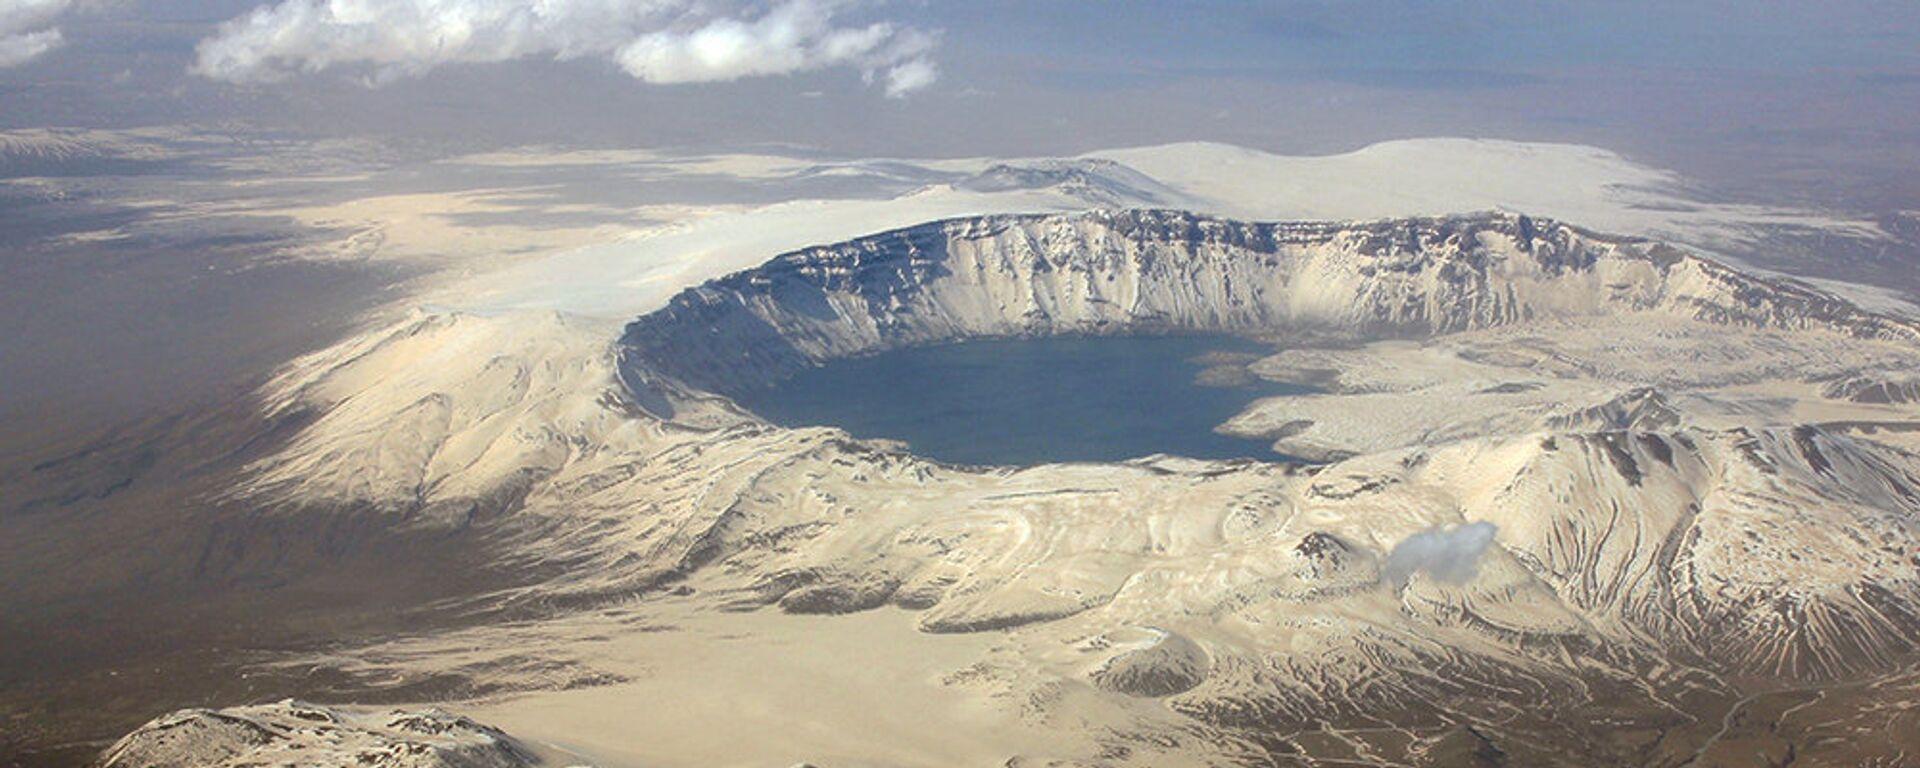 Гора Немрут. Армянское нагорье (нынешняя территория Турции) - Sputnik Армения, 1920, 22.08.2021